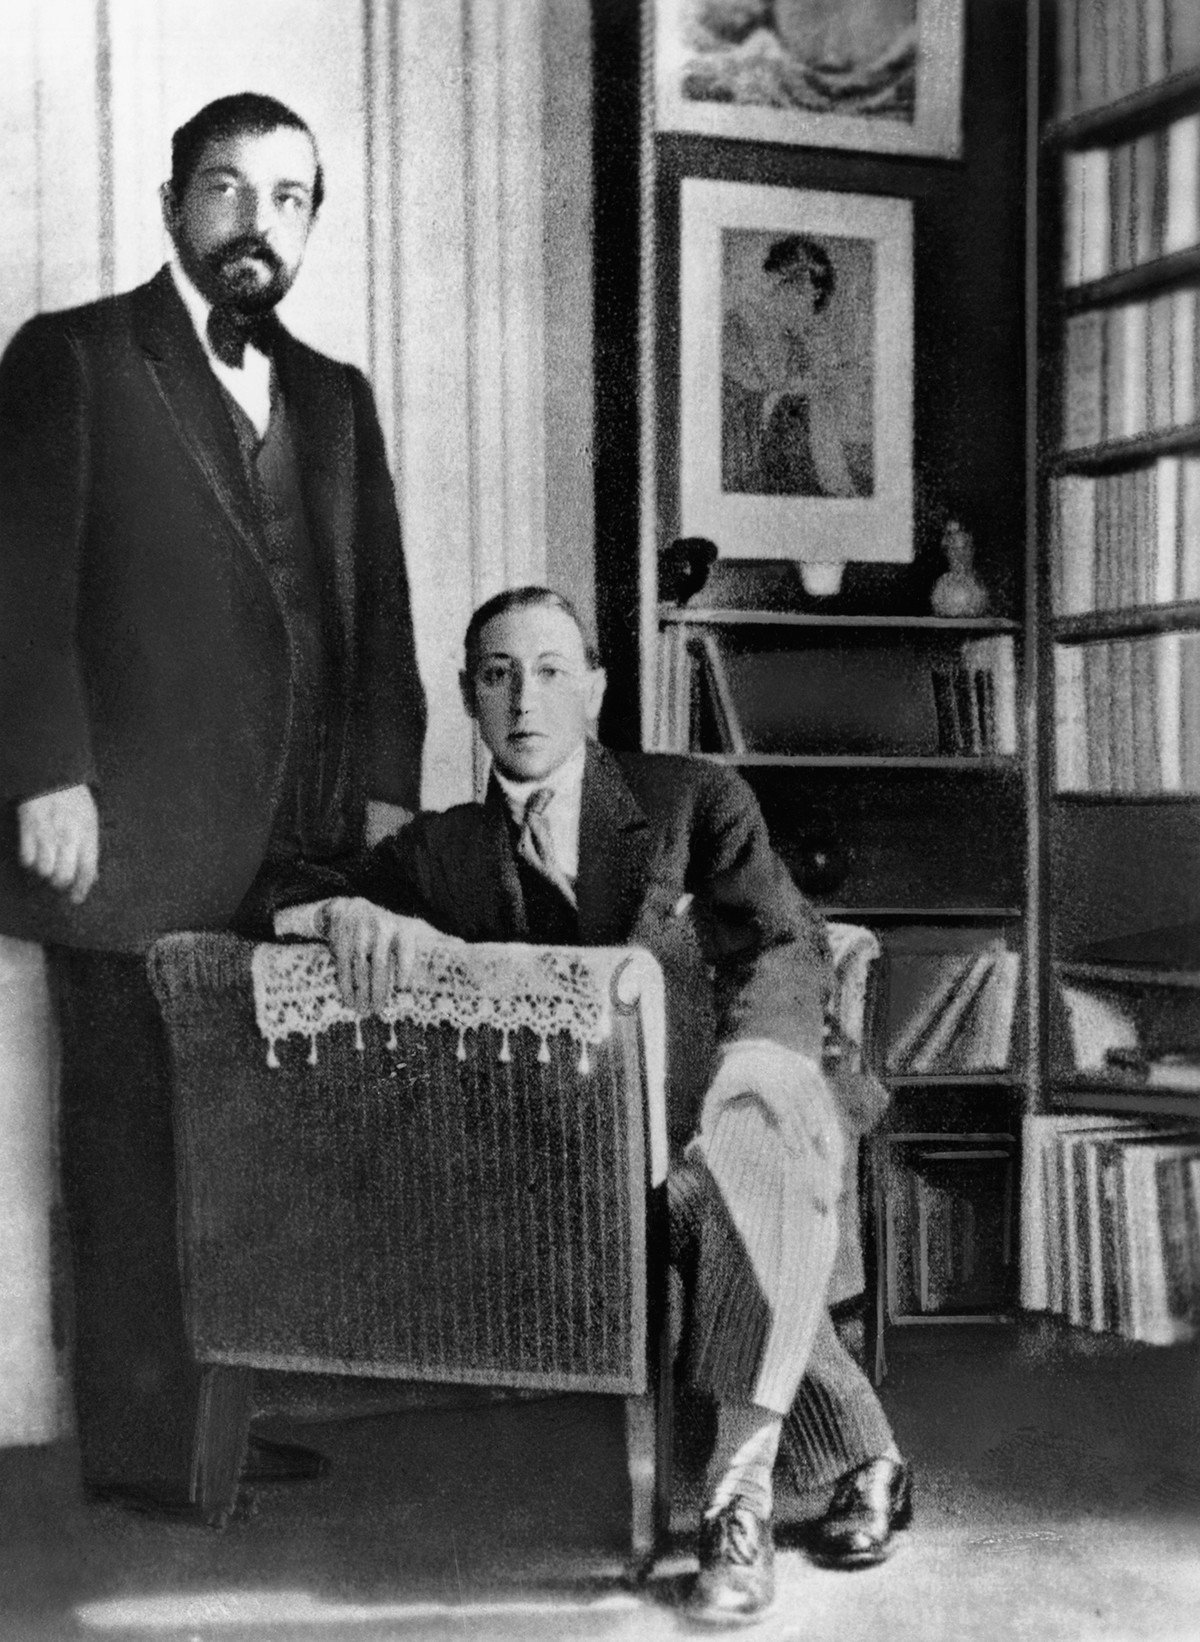 Claude Debussy in Igor Stravinski